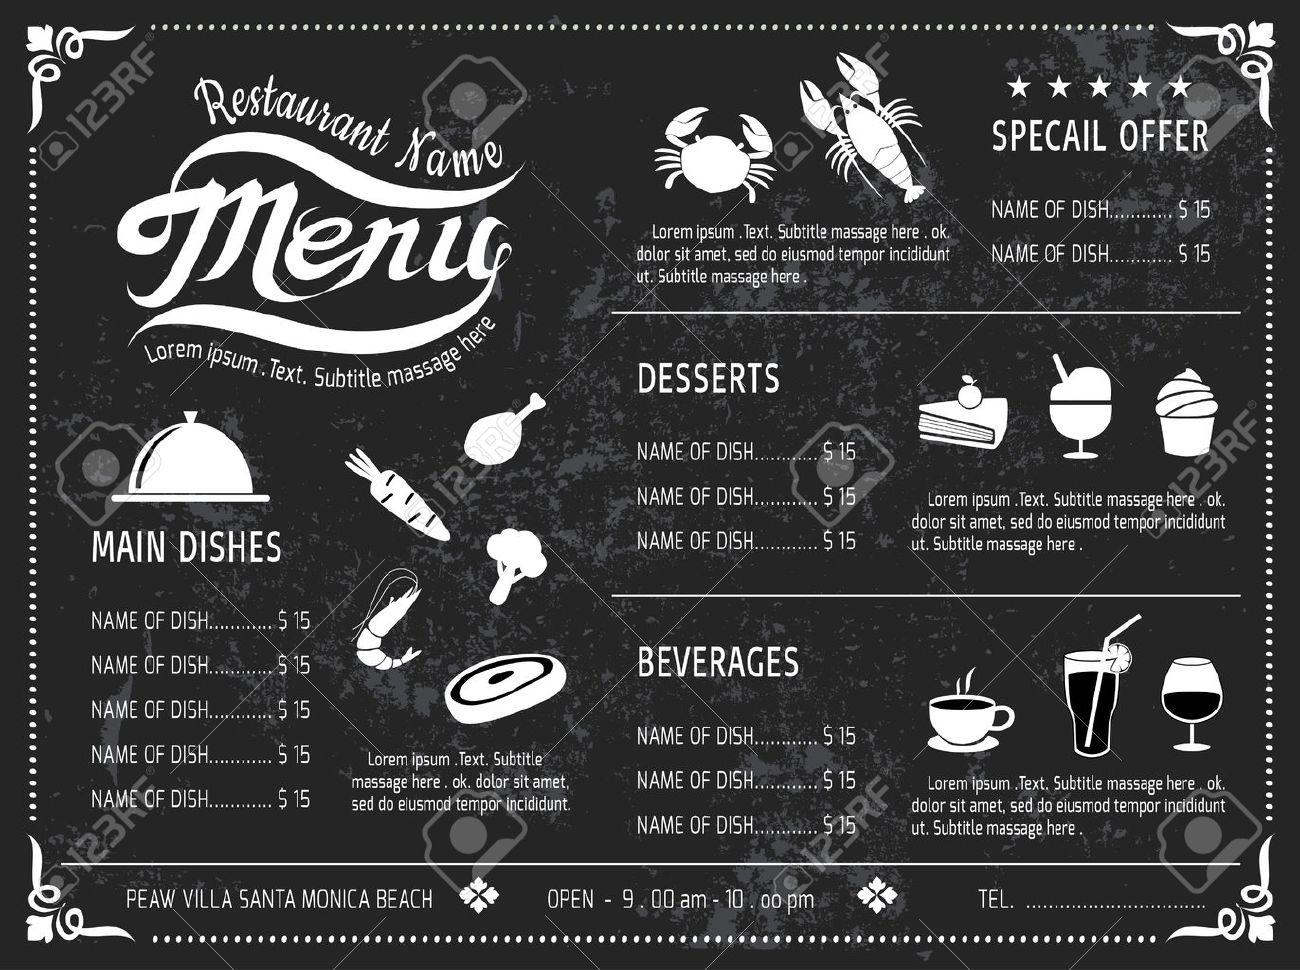 Vector Plantilla De Menú Diseño Pizarra De Restaurante Ilustraciones ...